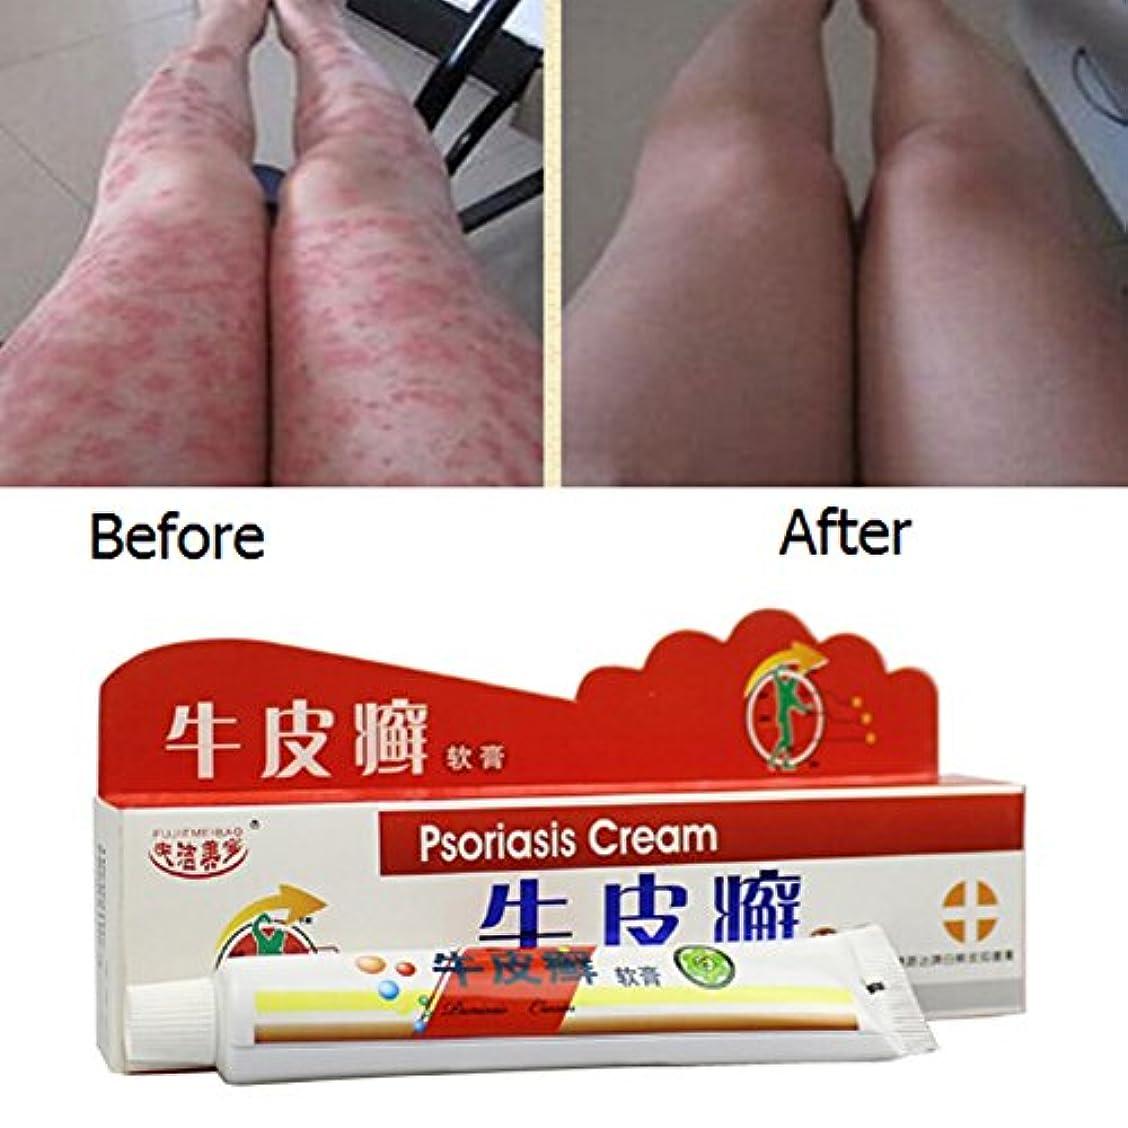 後者ヘビアンテナ乾癬クリーム 漢方薬 植物成分 ハーブ軟膏 抗菌 クリーム 湿疹 乾癬 かゆみ Ammbous